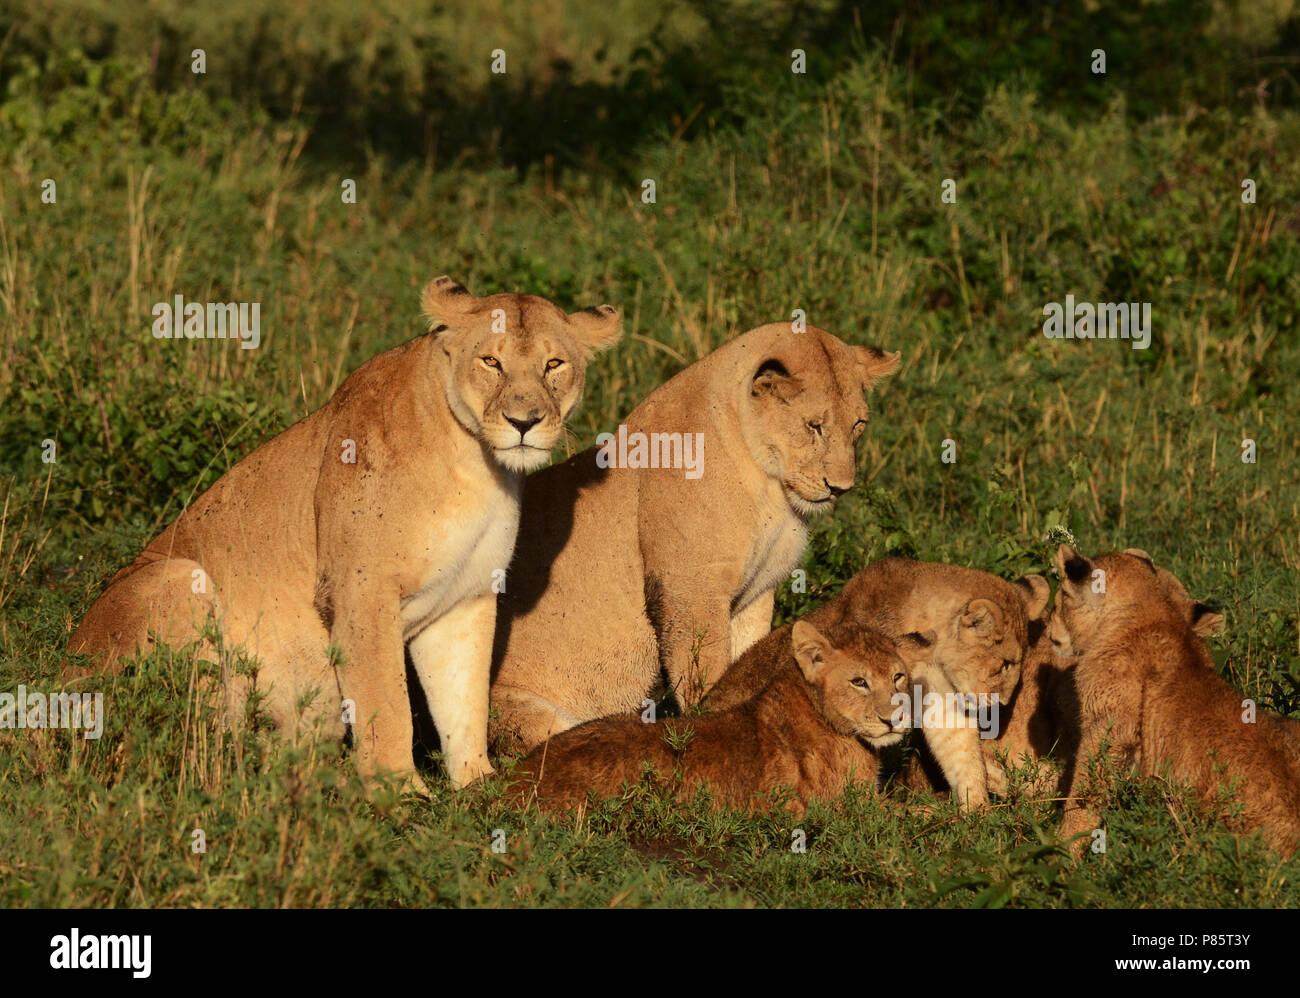 Afrikaanse Leeuwen met jongen, African Lions with young - Stock Image